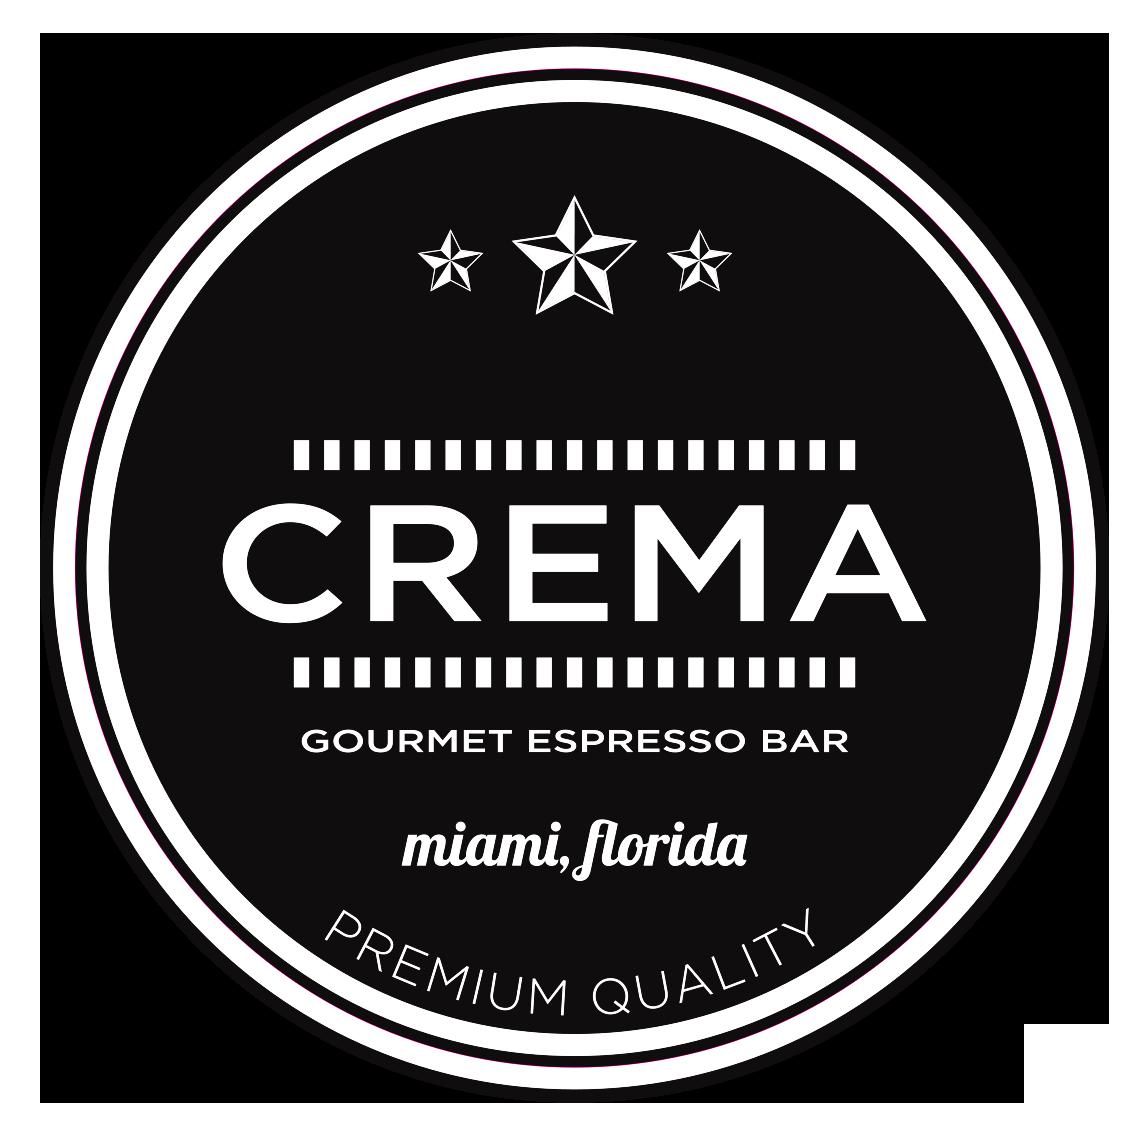 Crema Gourmet Espresso Bar - Brickell